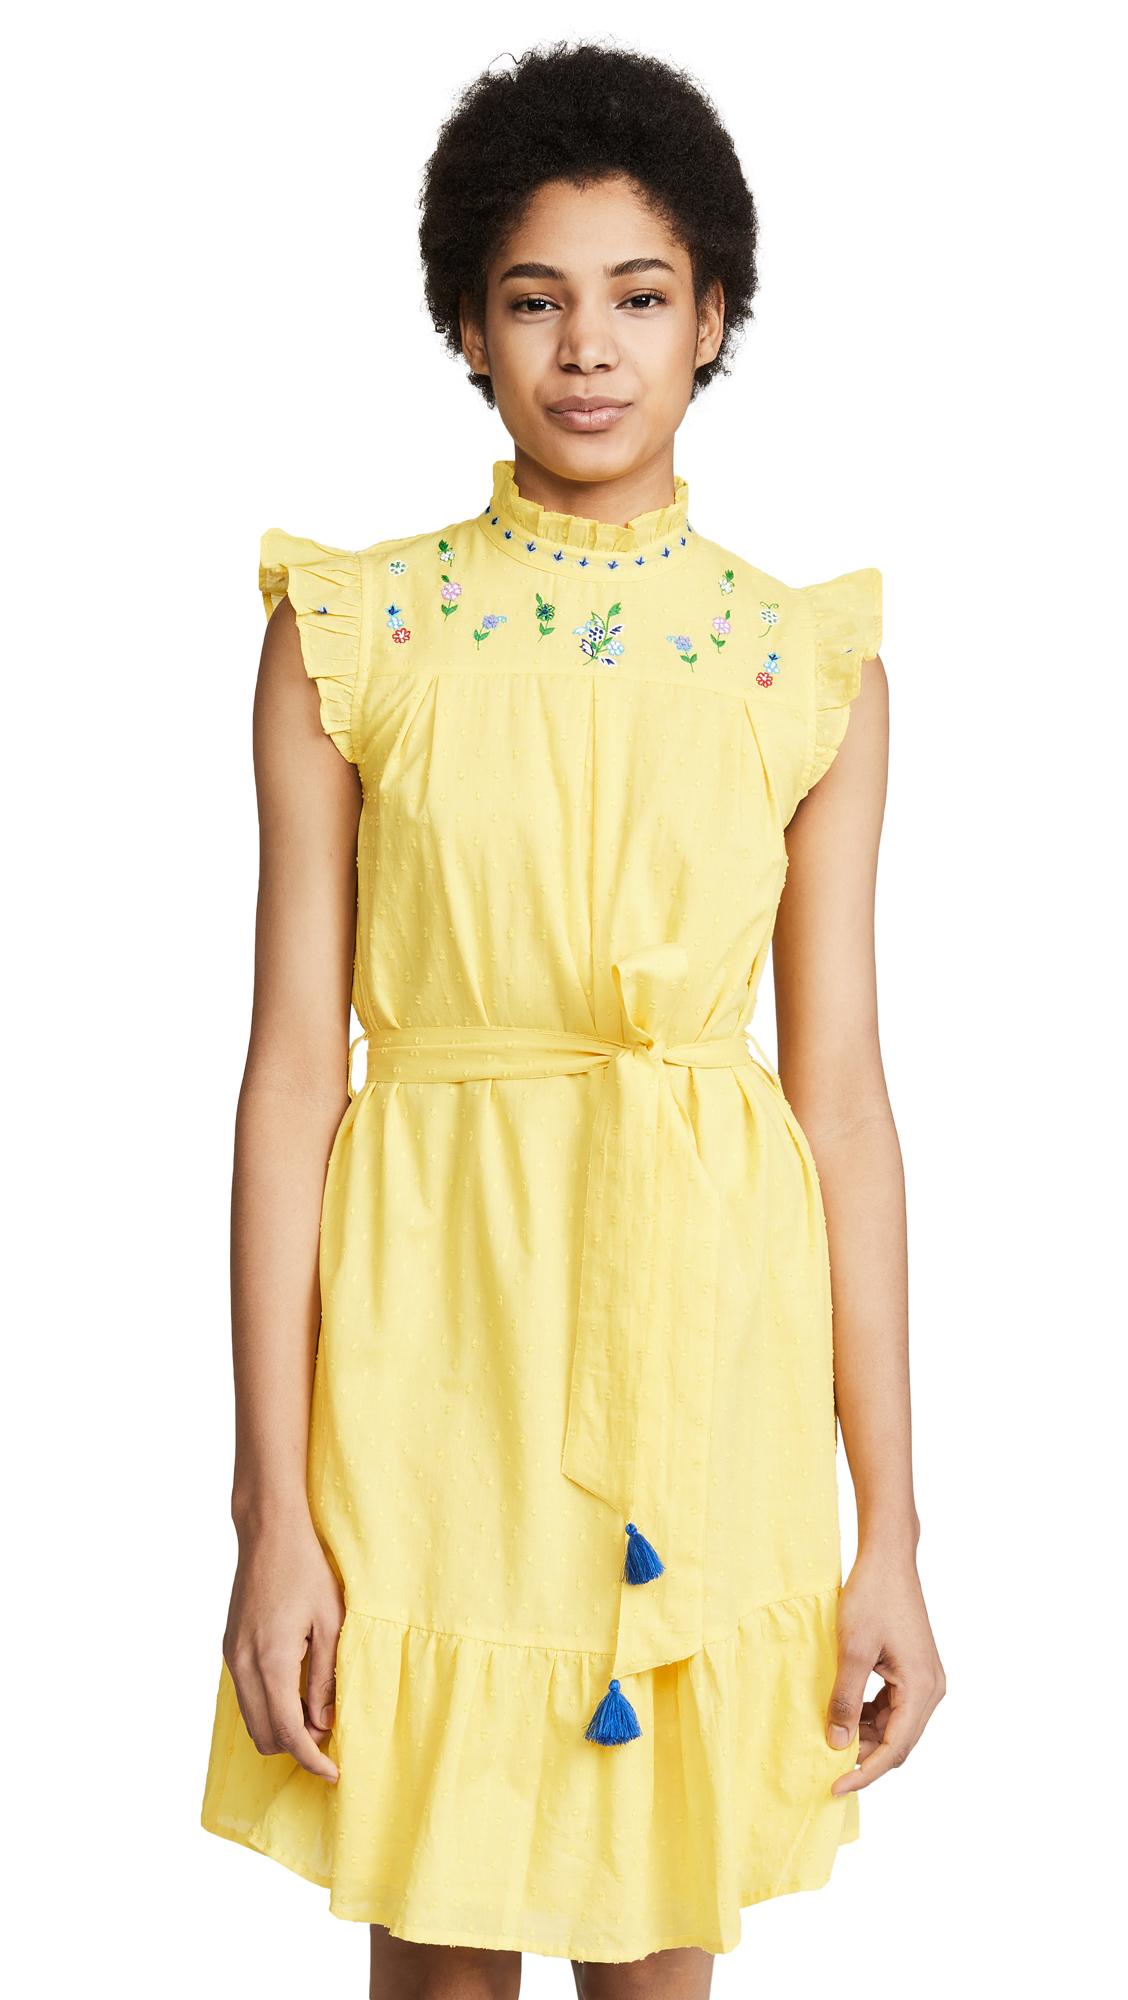 Banjanan Asha Dress - Sunflower